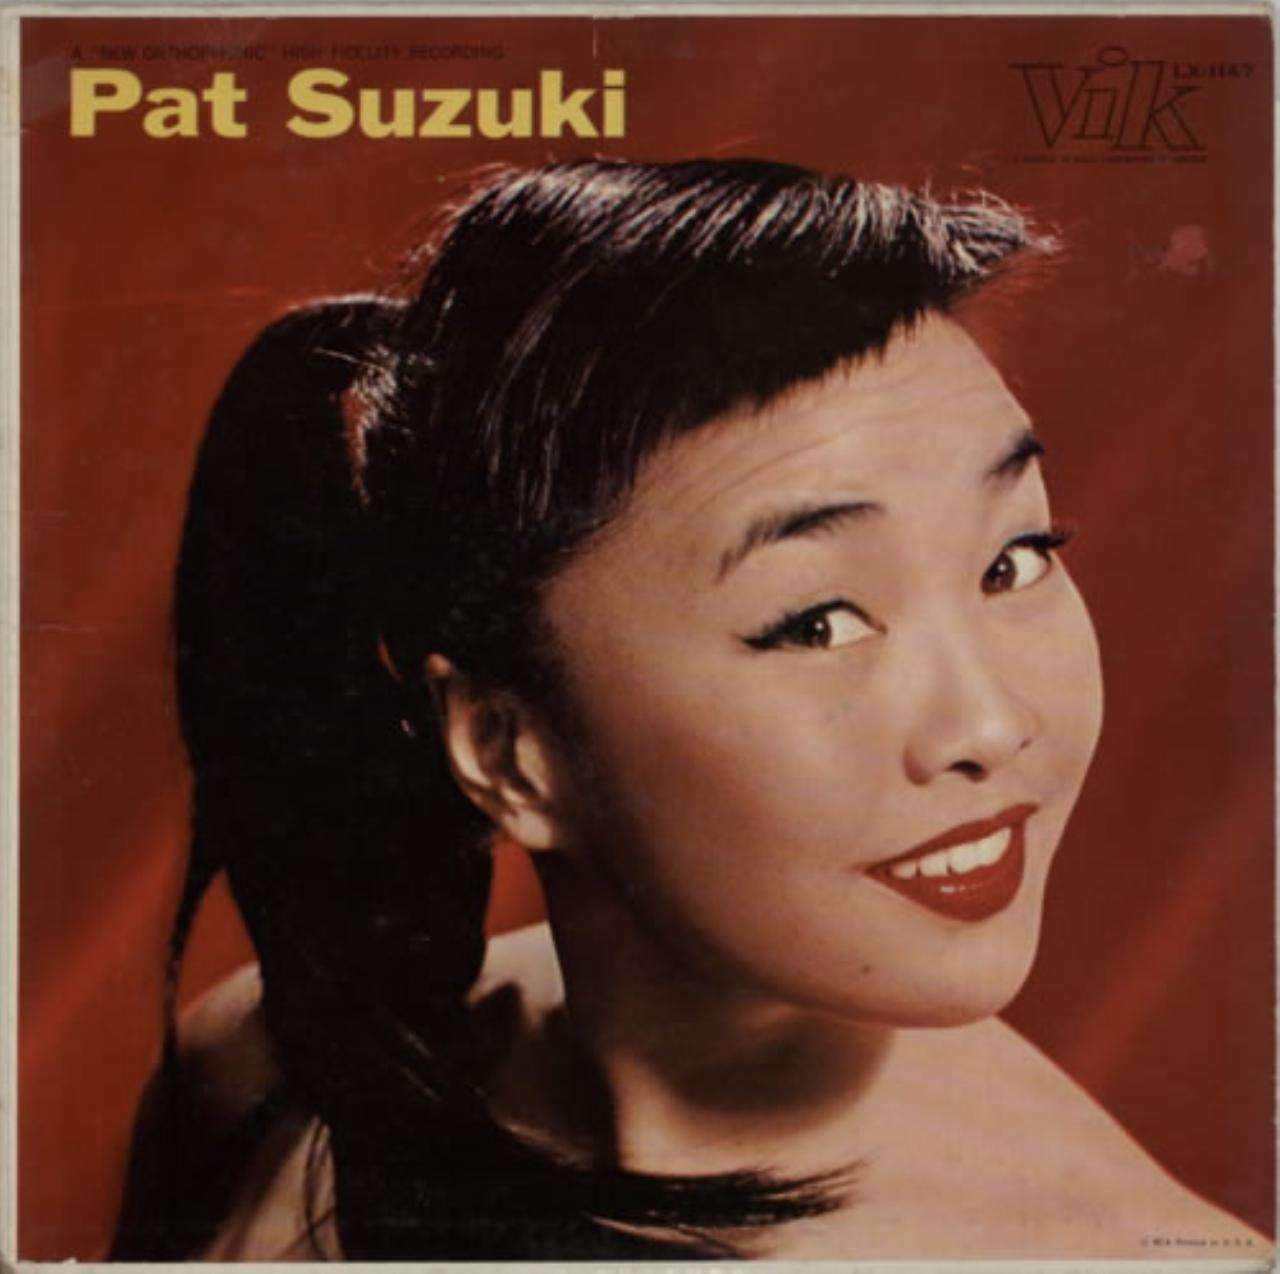 Pat Suzuki nudes (54 photo), Tits, Fappening, Instagram, legs 2006